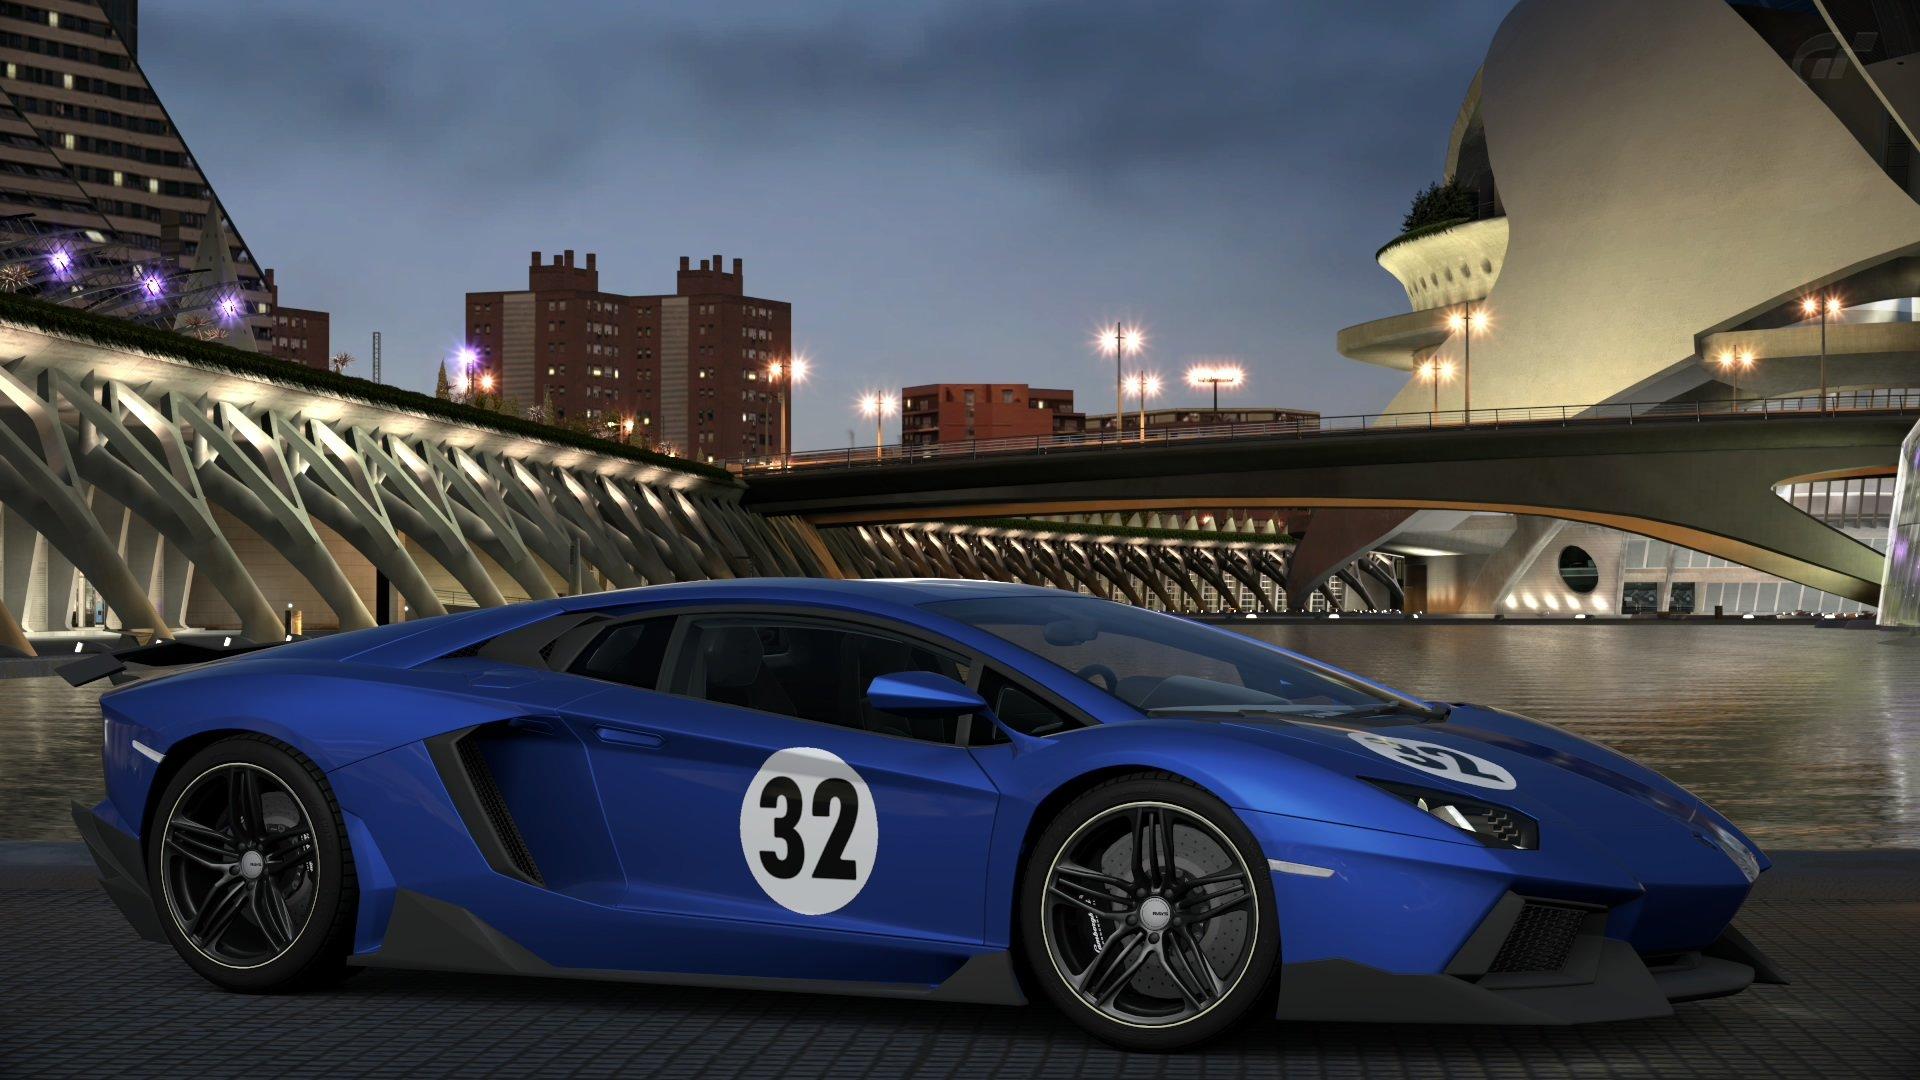 Wallpaper 1920x1080 Px Gran Turismo 6 Lamborghini Aventador